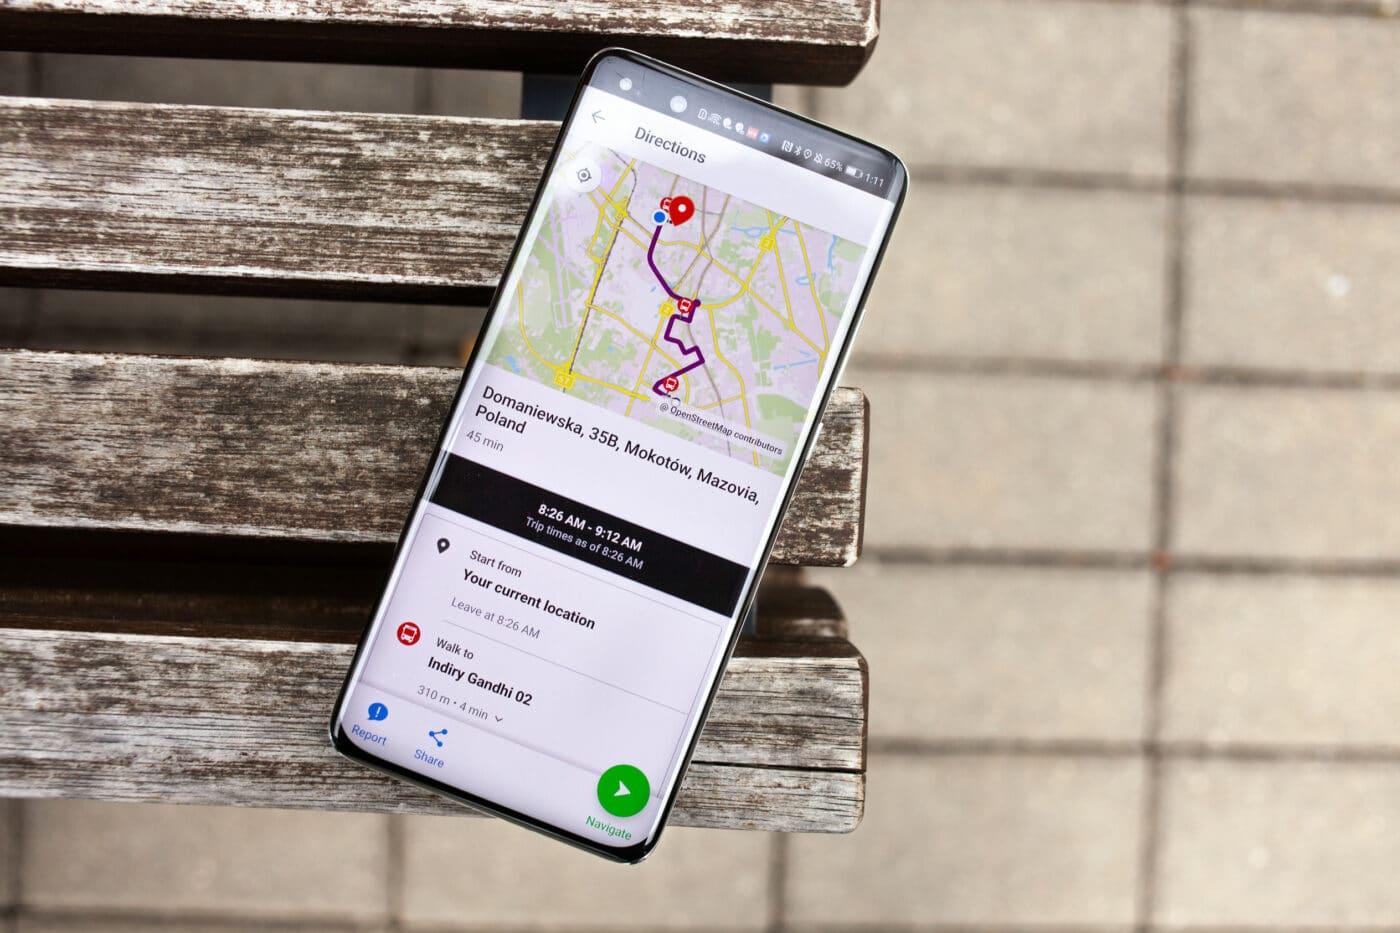 Nagradivana aplikacija Moovit odsad dostupna hrvatskim korisnicima u Huawei AppGallery trgovini 3